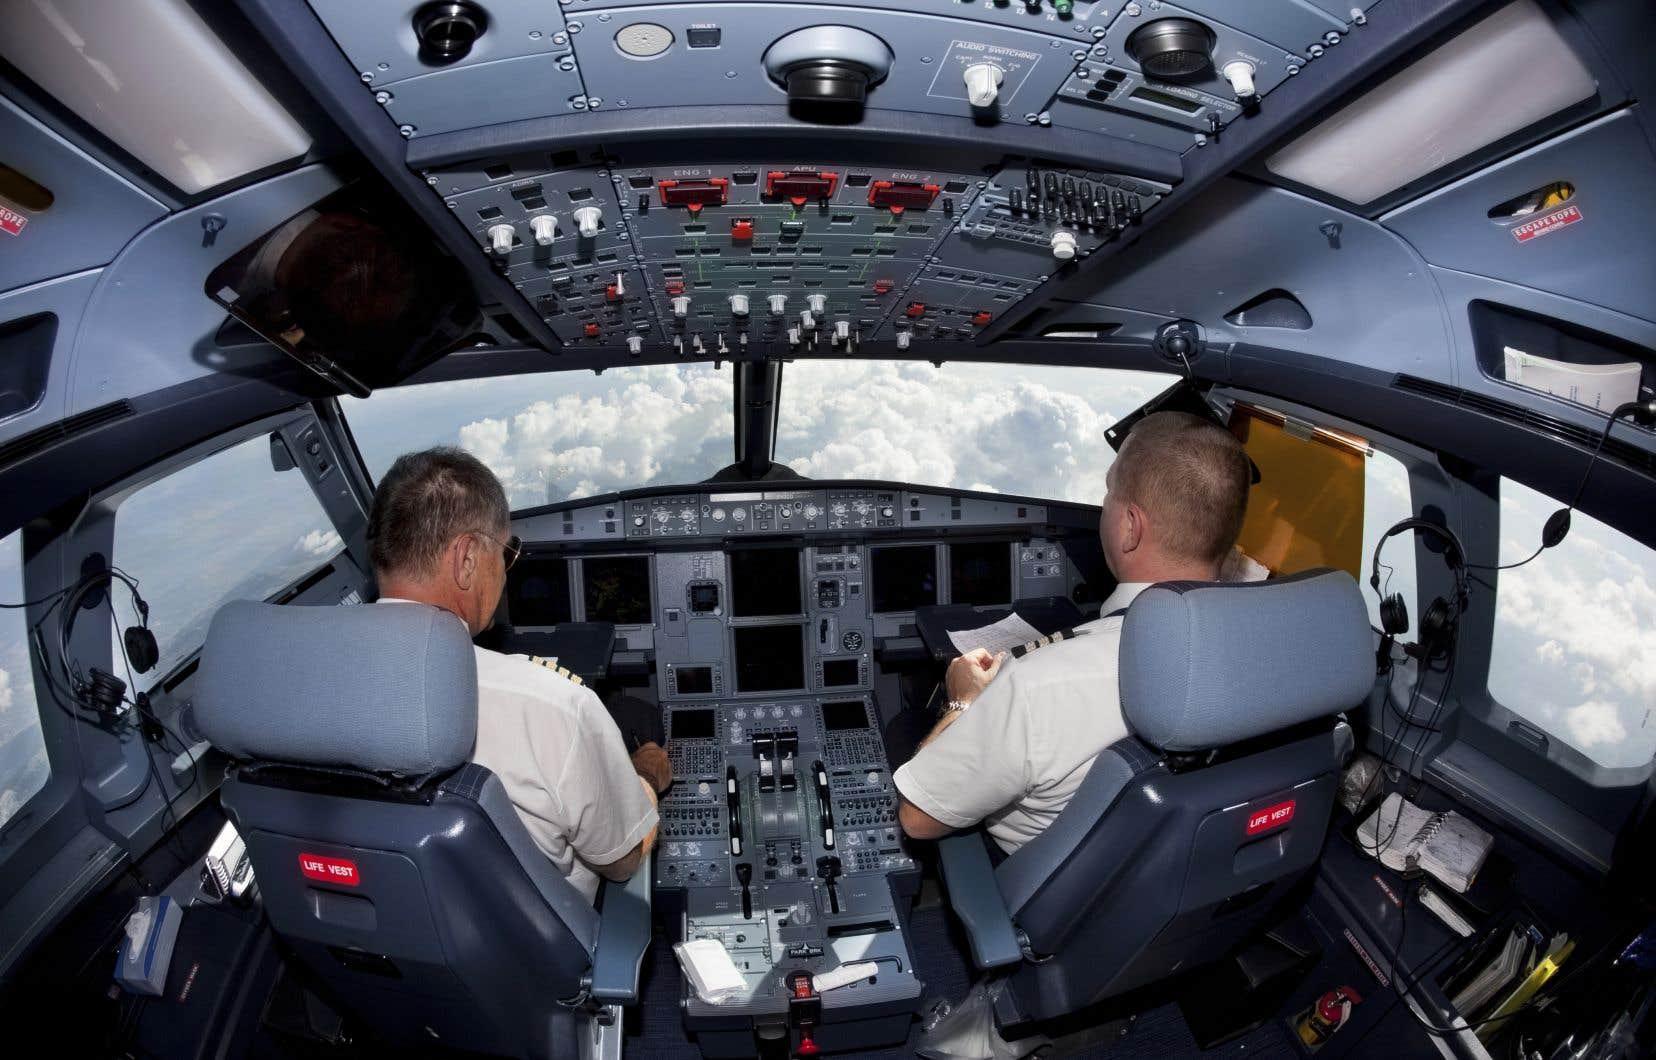 La croissance du transport aérien s'explique par l'essor du tourisme et des livraisons dues au commerce en ligne.